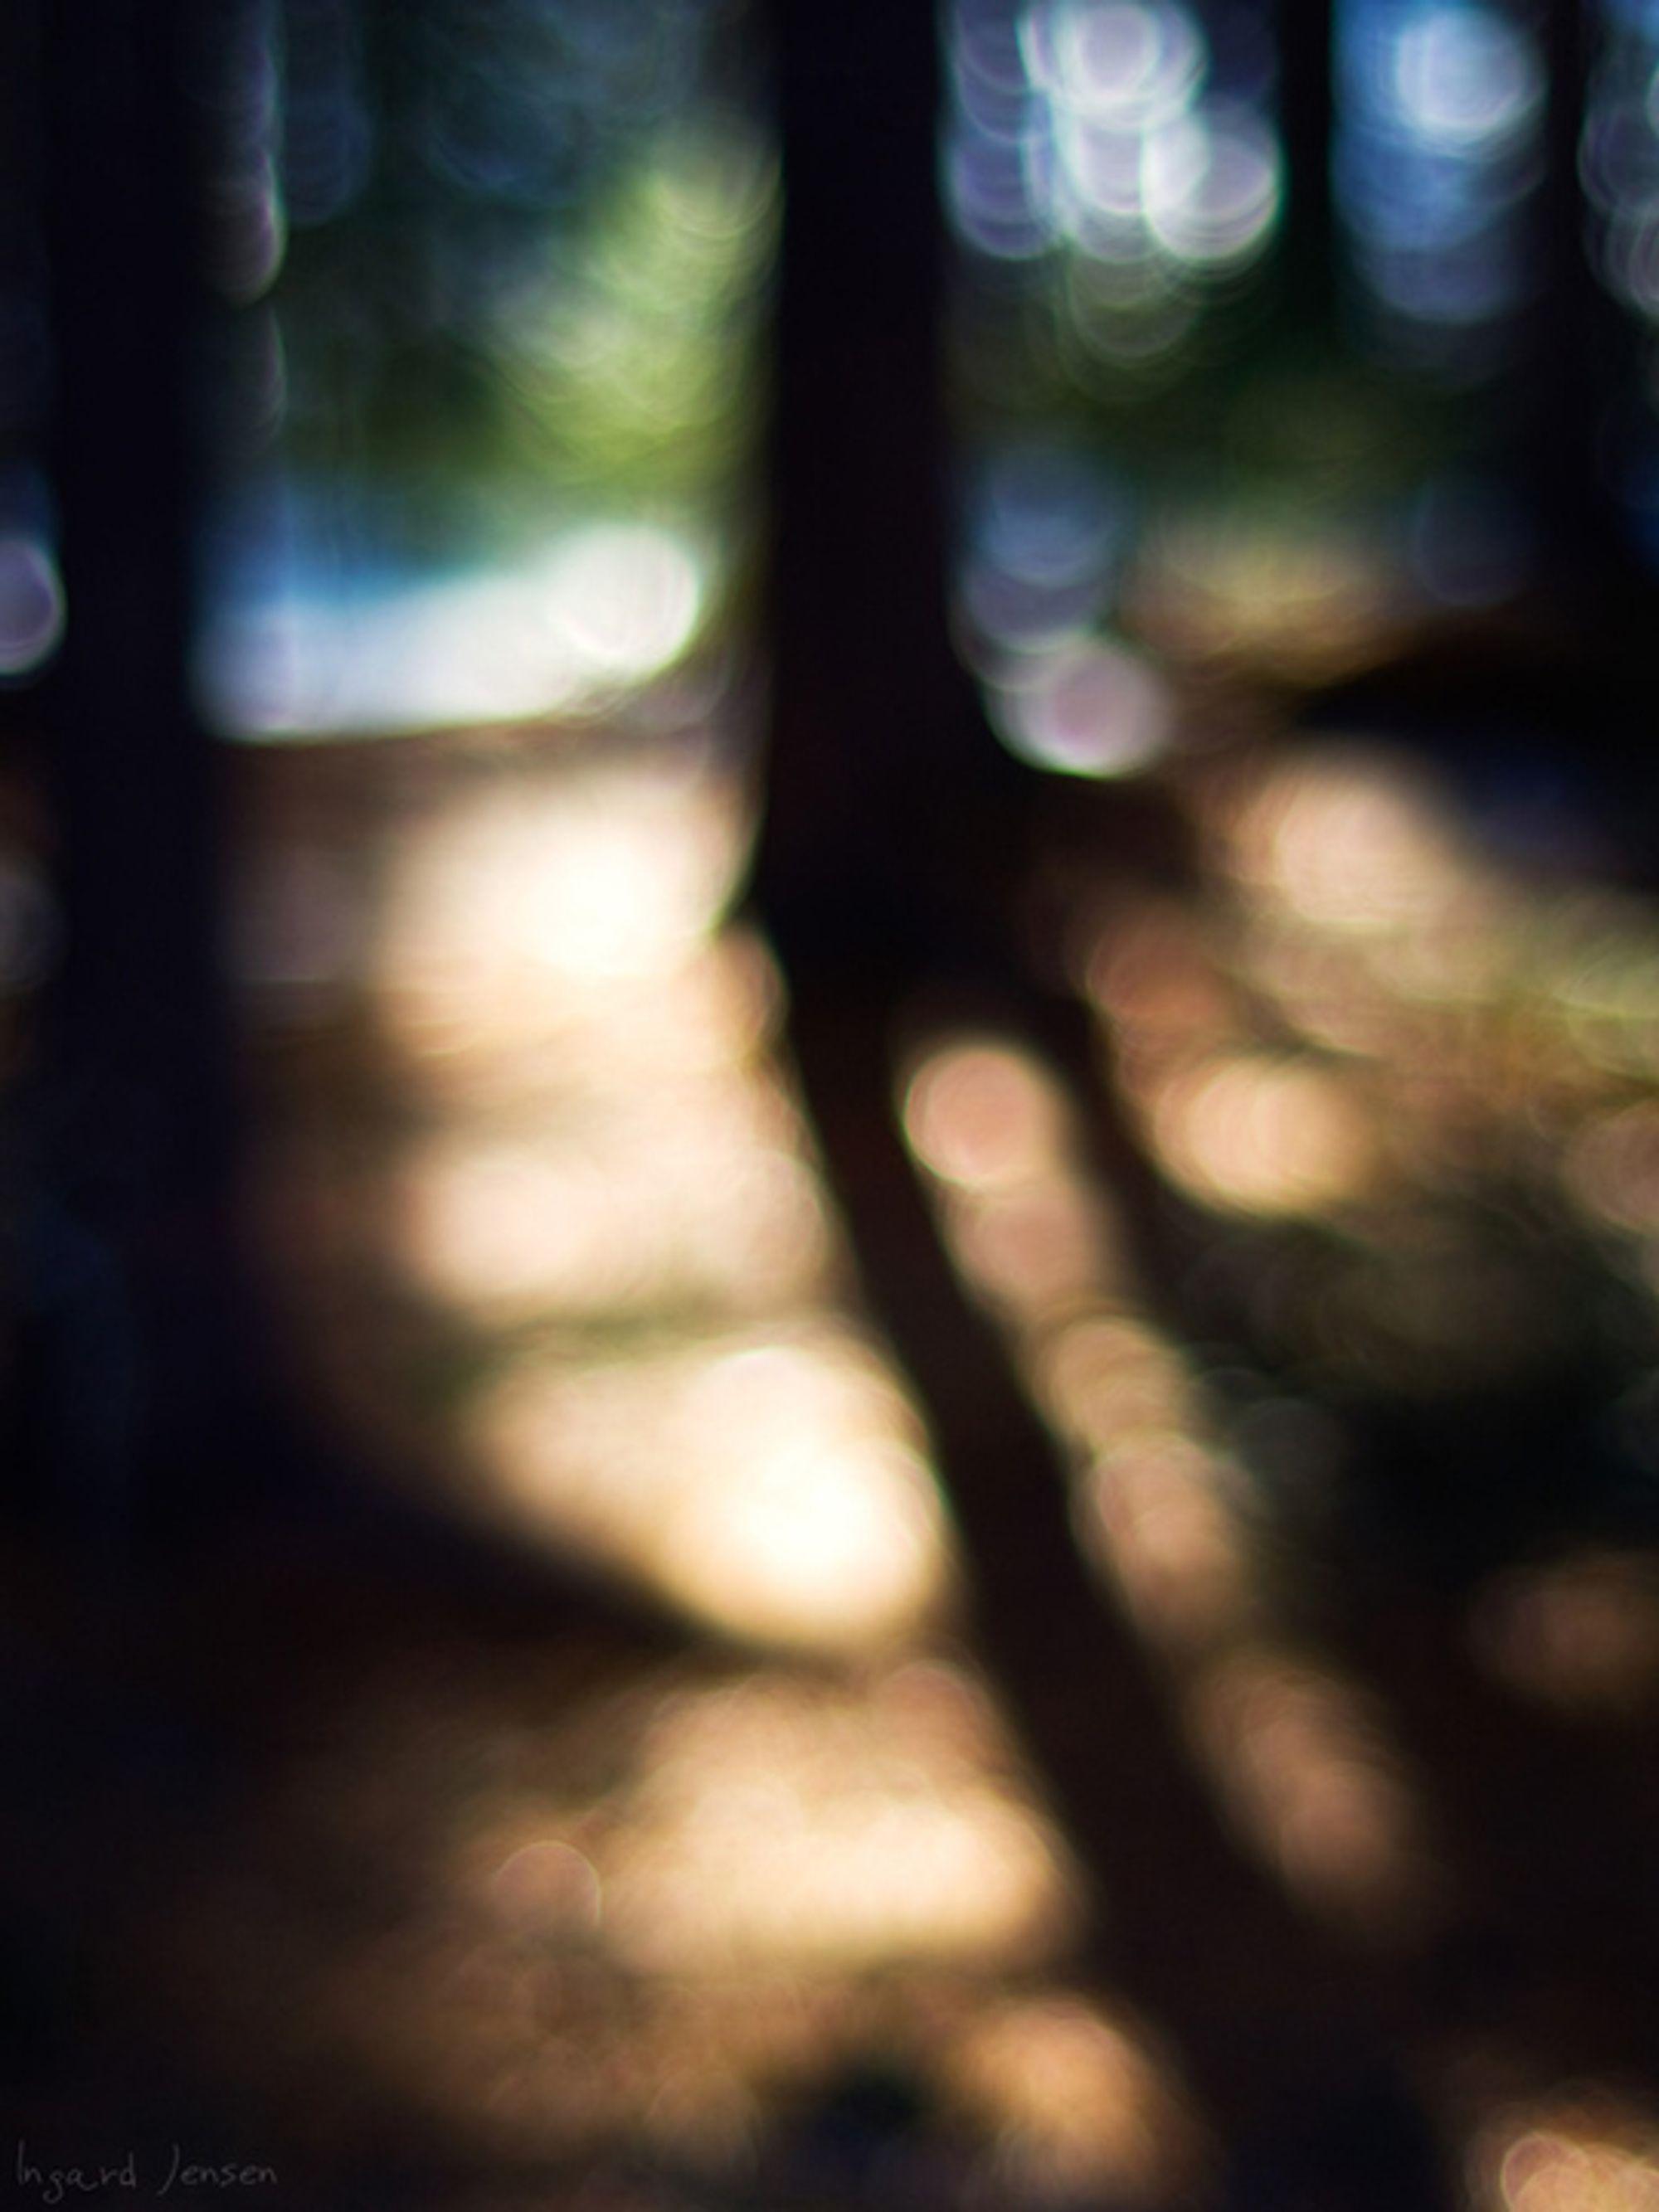 Foto: Ingardj